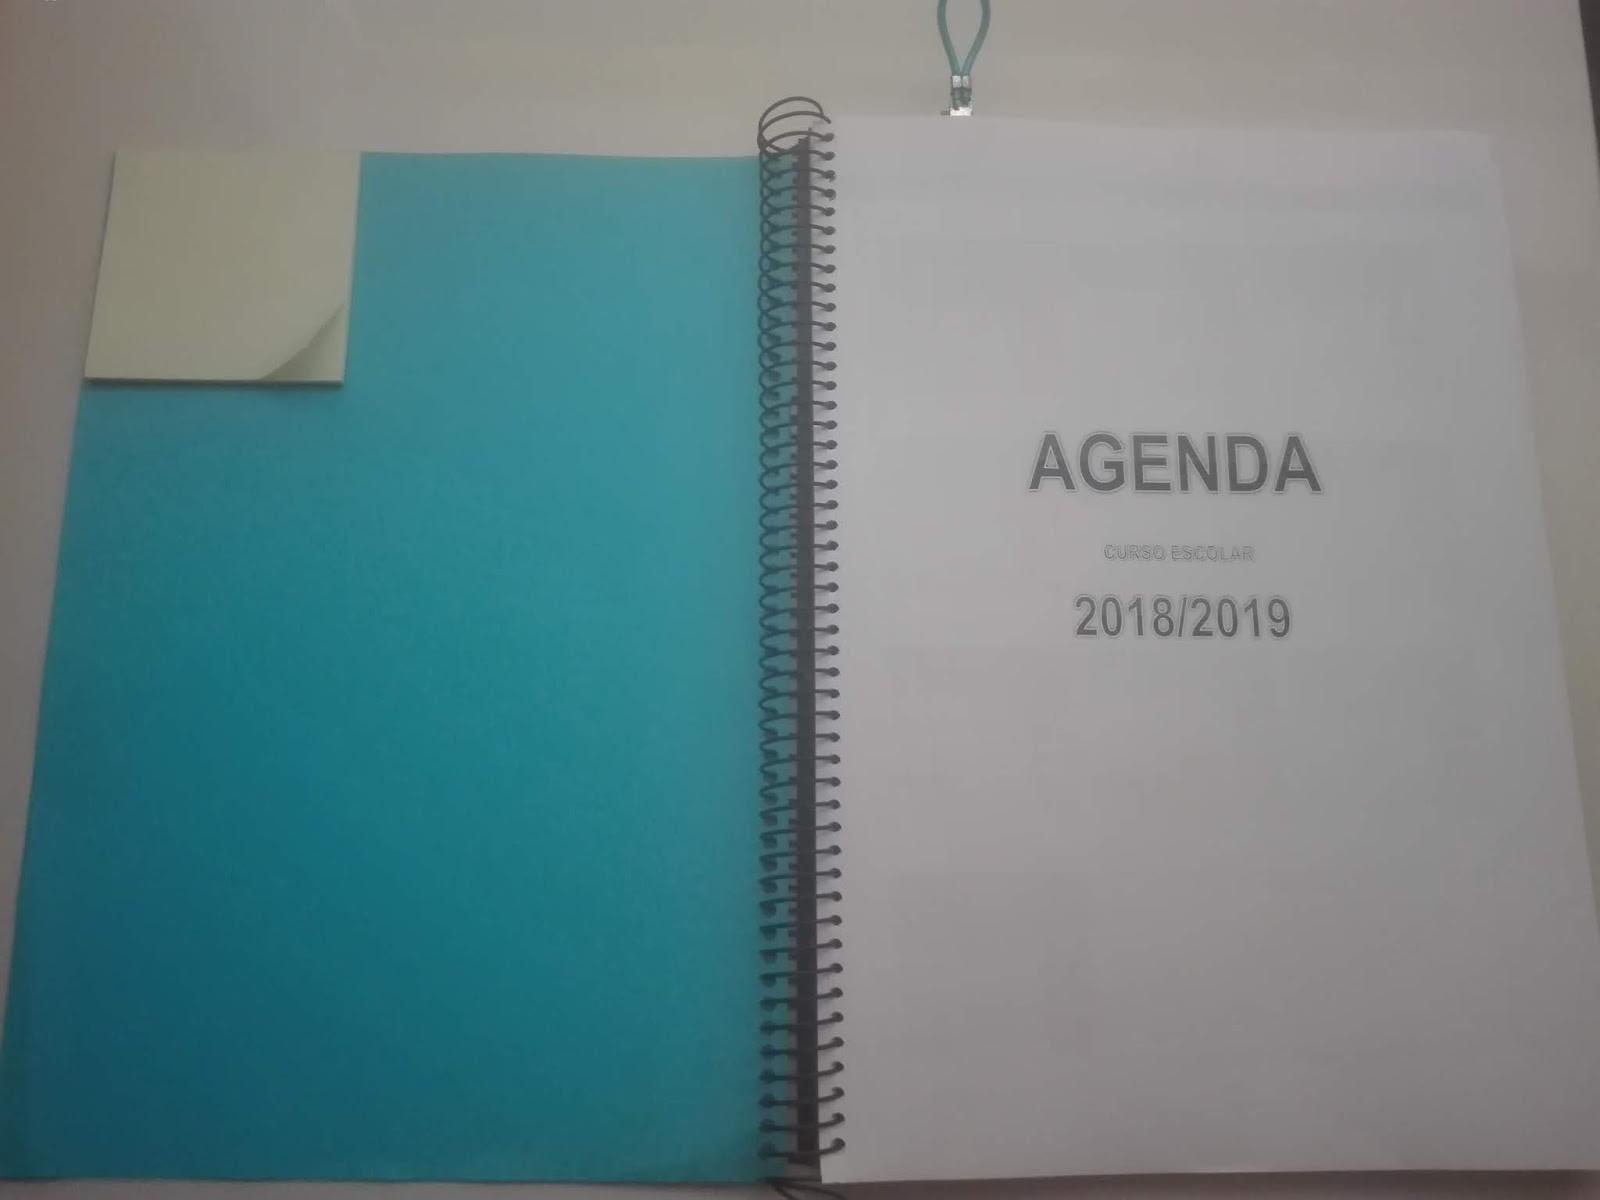 Calendario del a±o 2018 y 2019